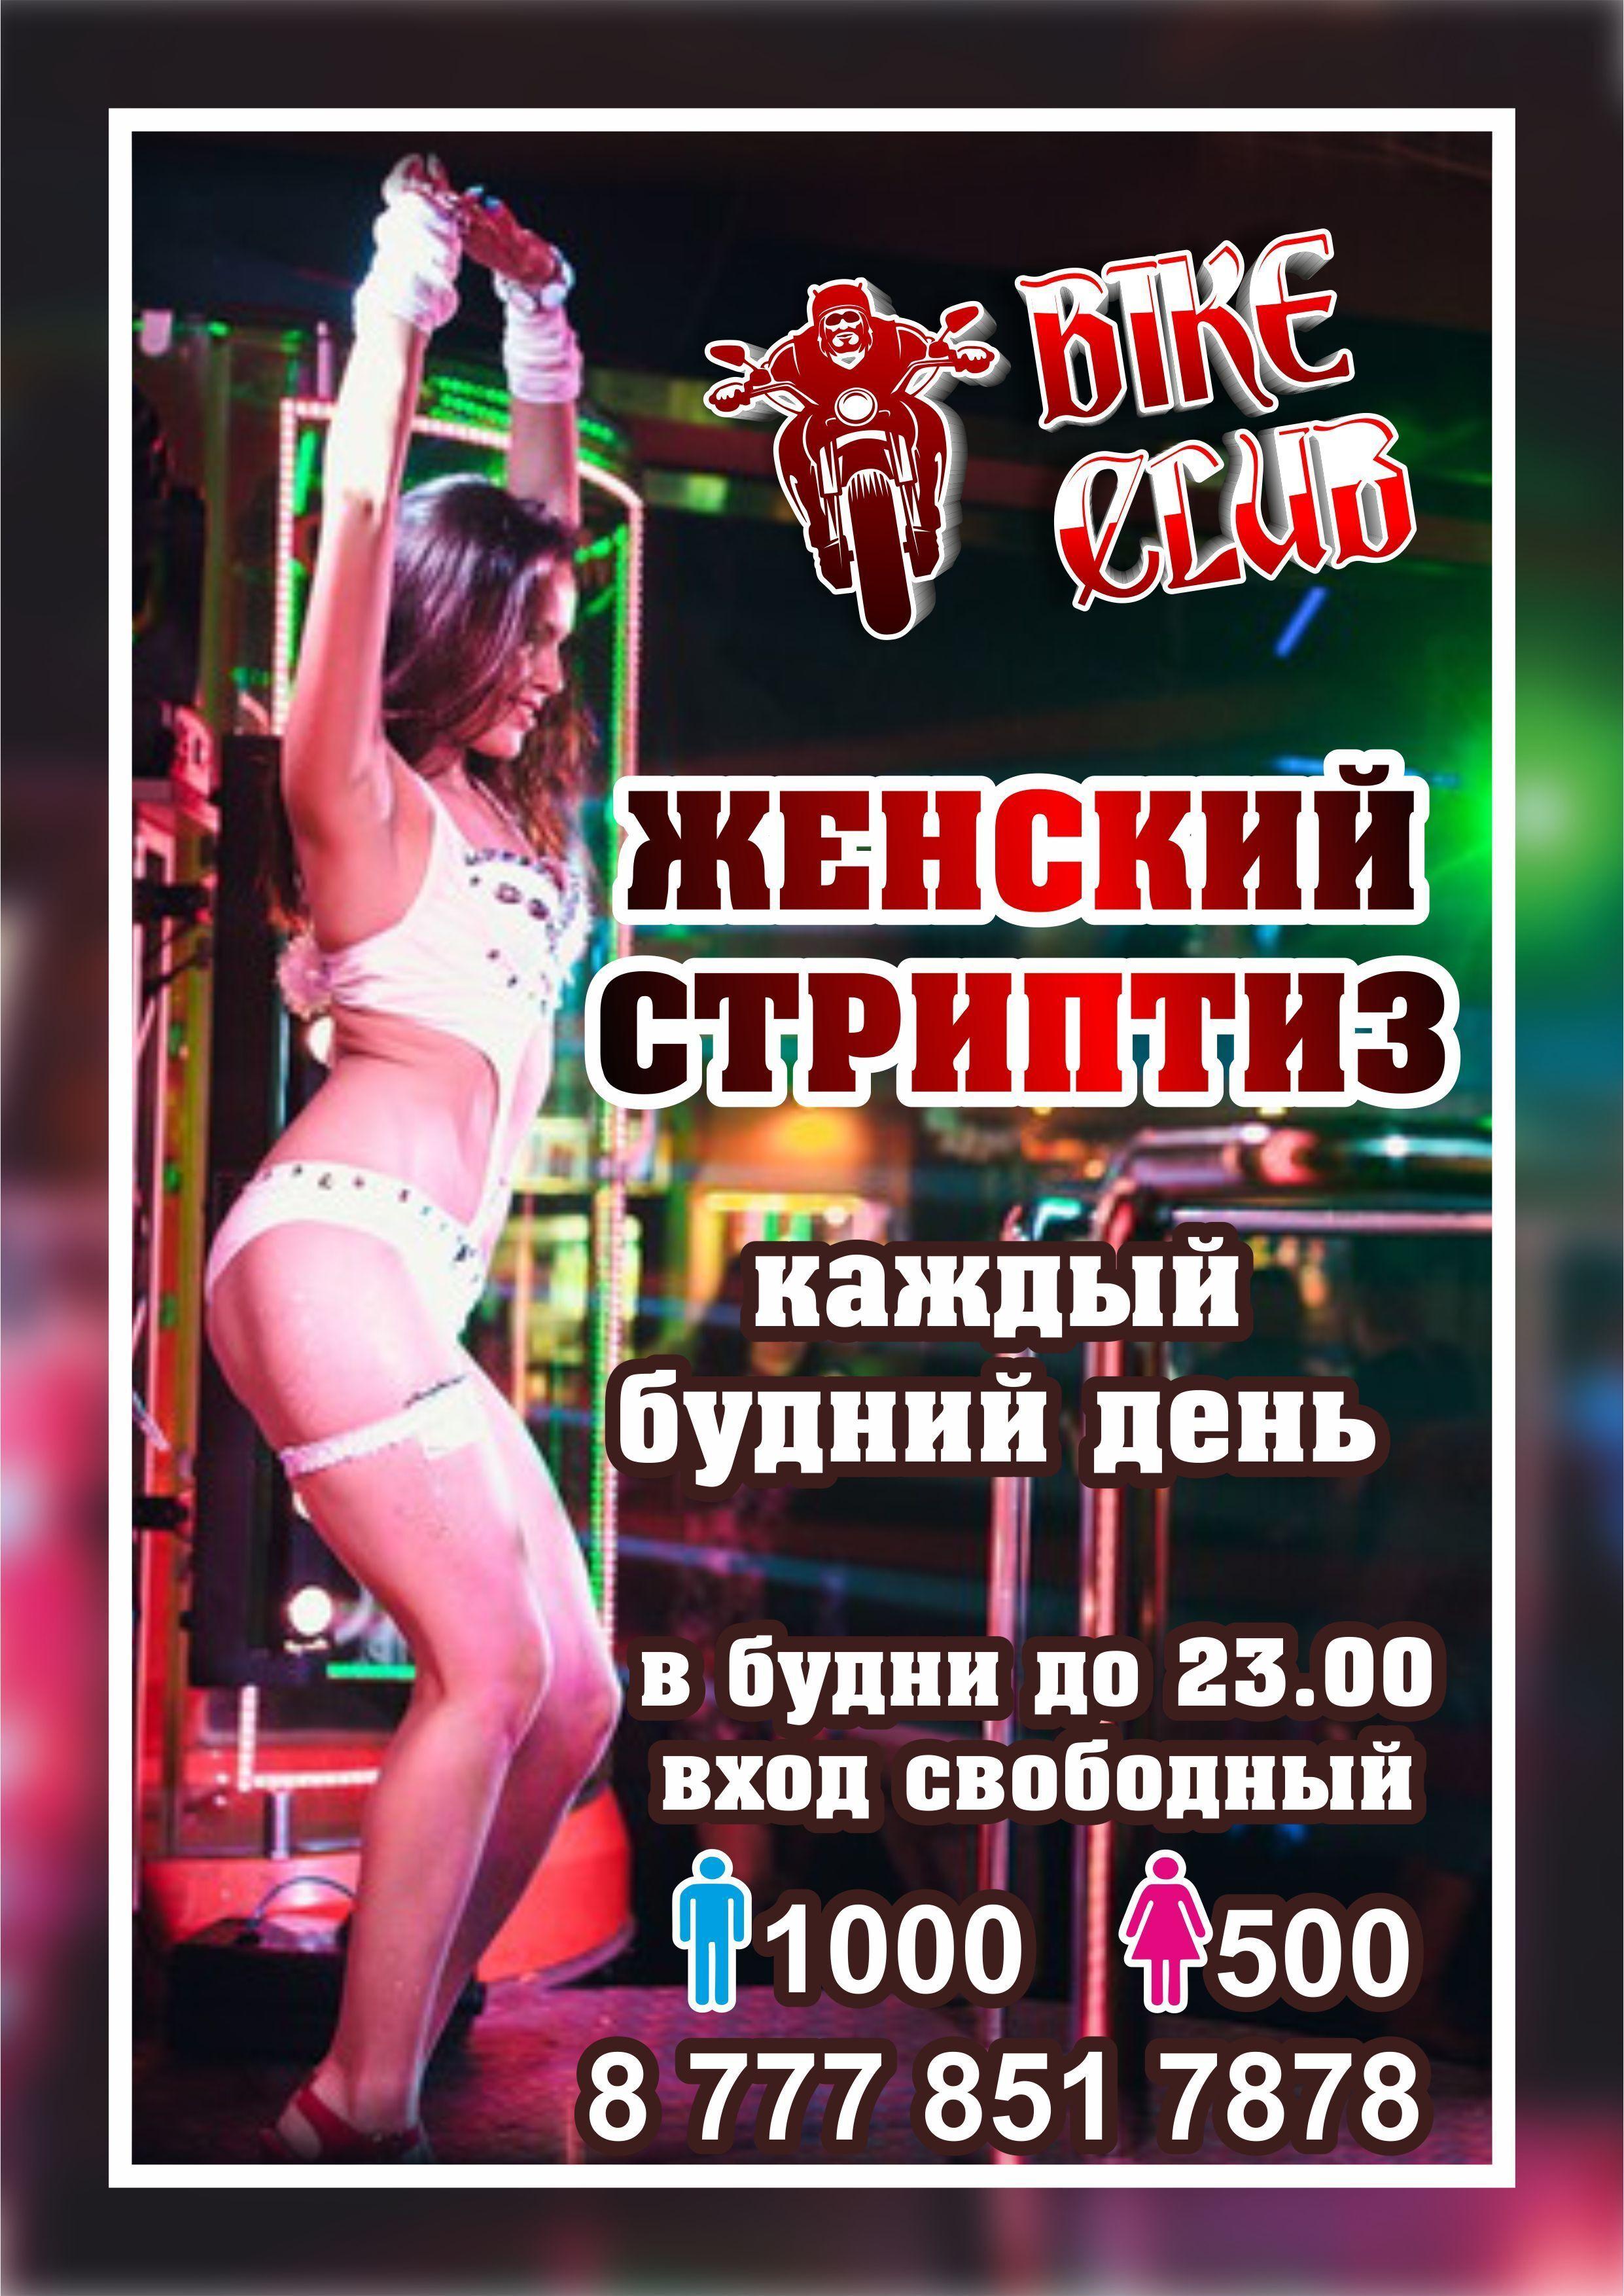 Стриптиз клуб павлодар видео голые девушки в ночном клубе